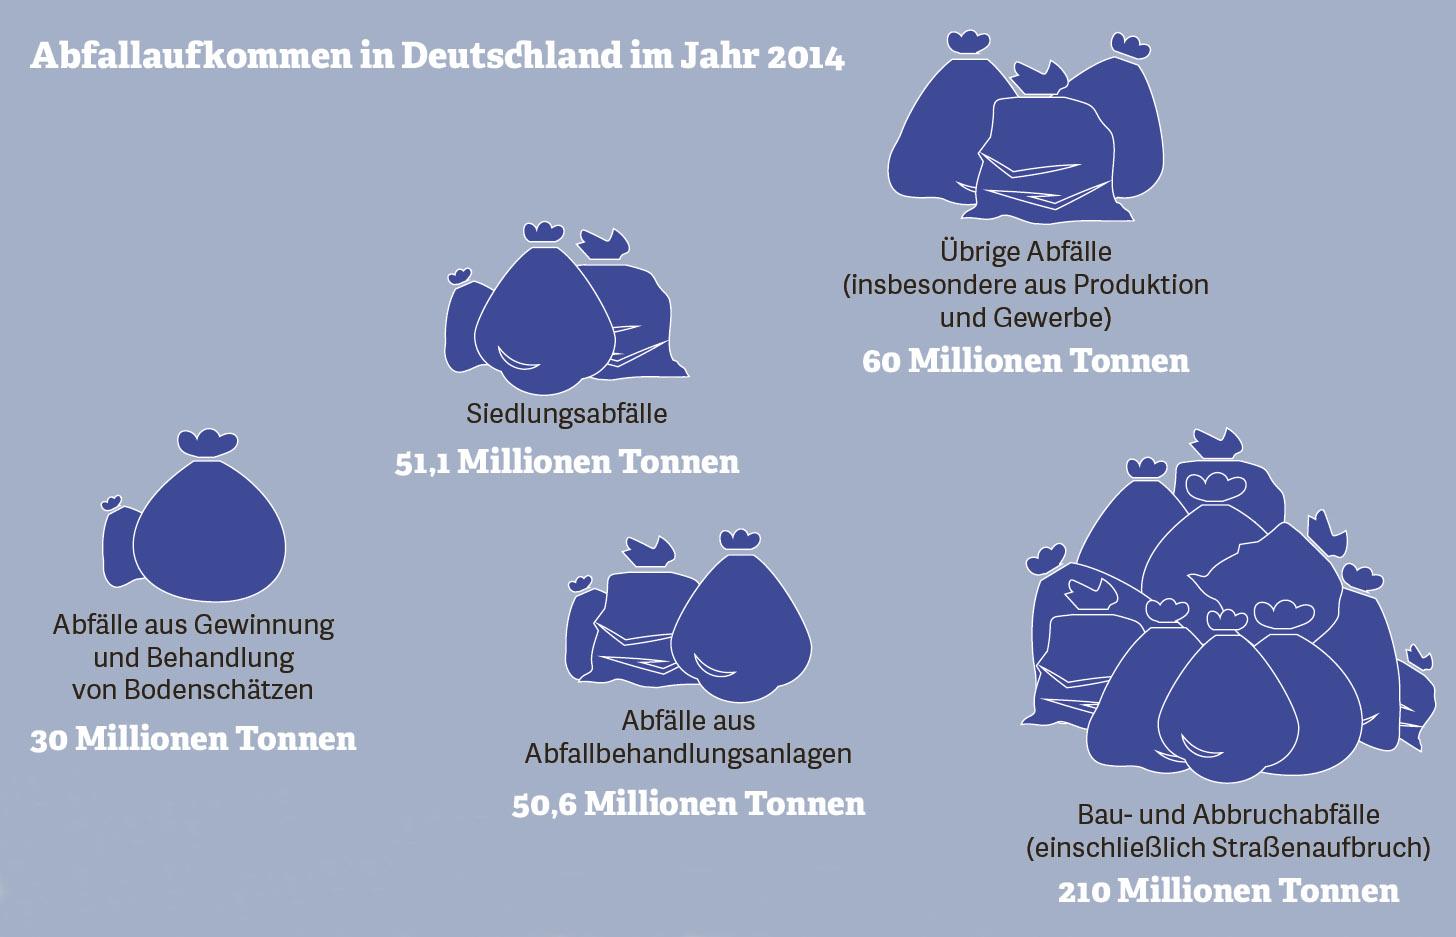 Grafik zum Abfallaufkommen in Deutschland